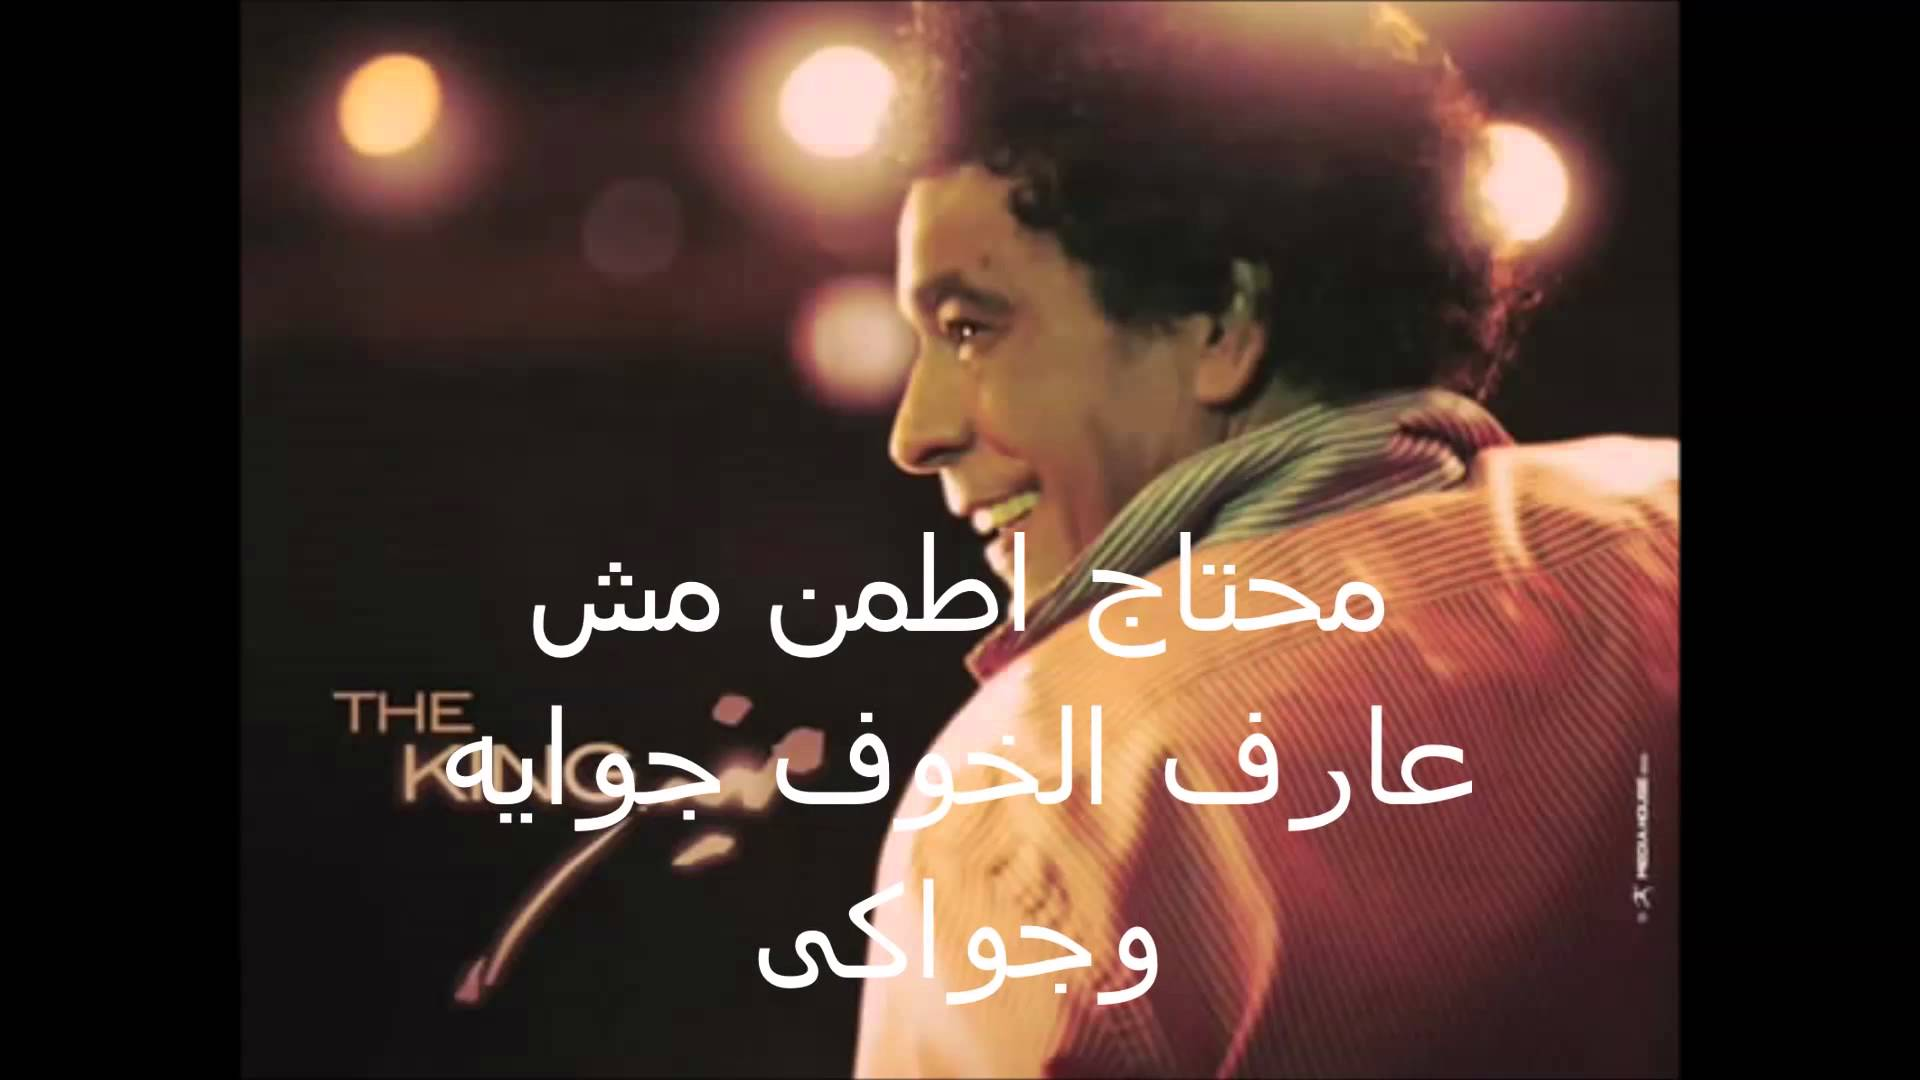 بالصور محمد منير خايف اوعدك maxresdefault 124